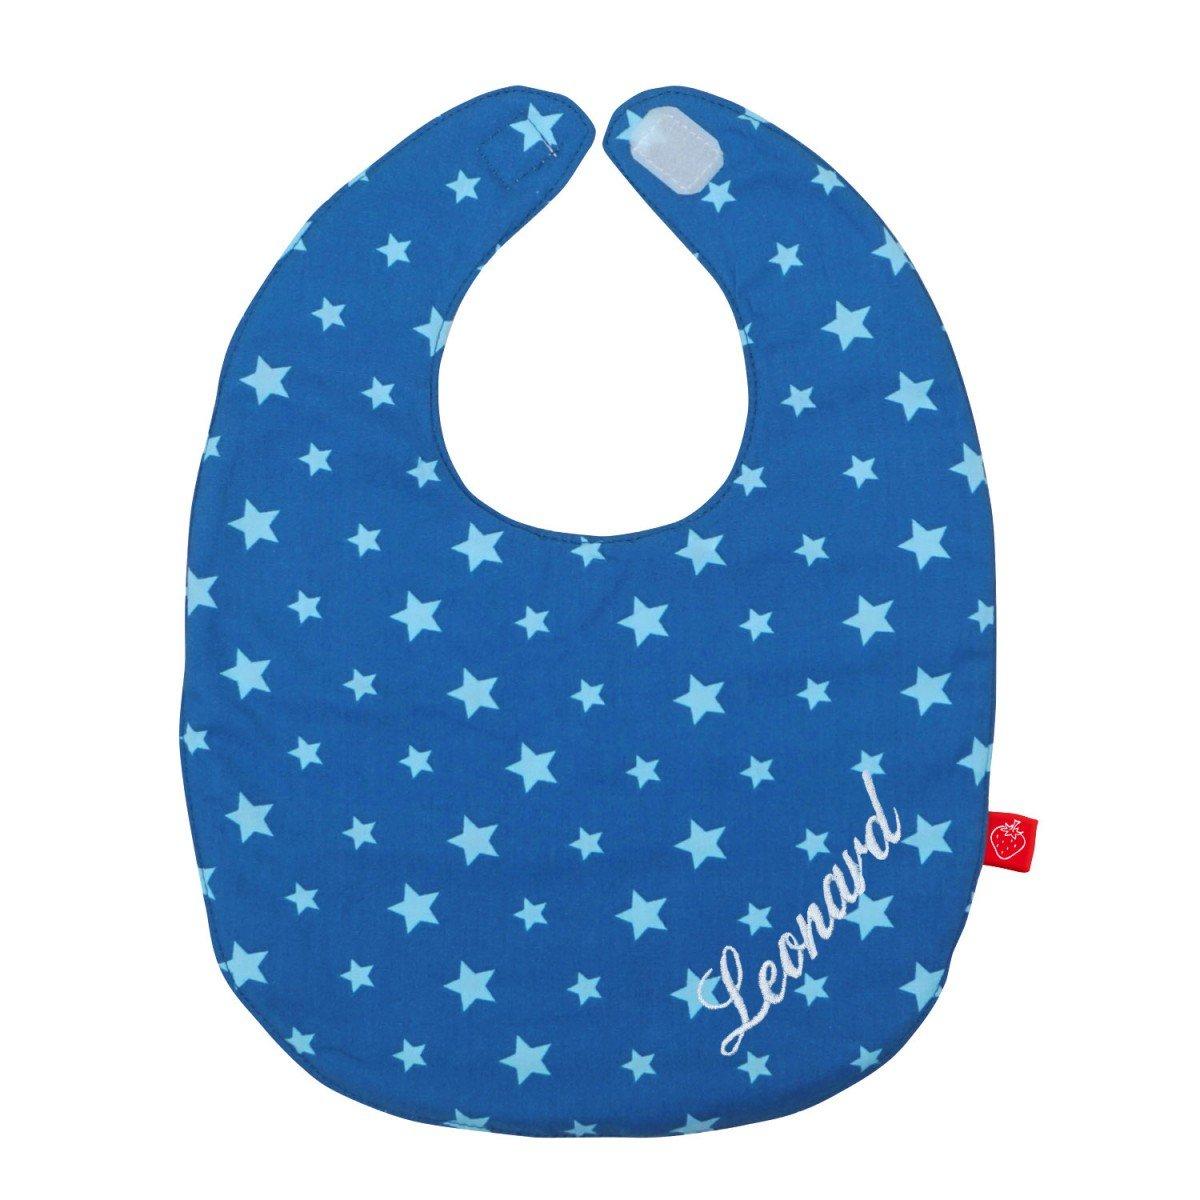 Lätzchen mit Namen Baby Sterne in blau (Geburtsgeschenk, Erstaustattung, personalisiert, individualisiert)